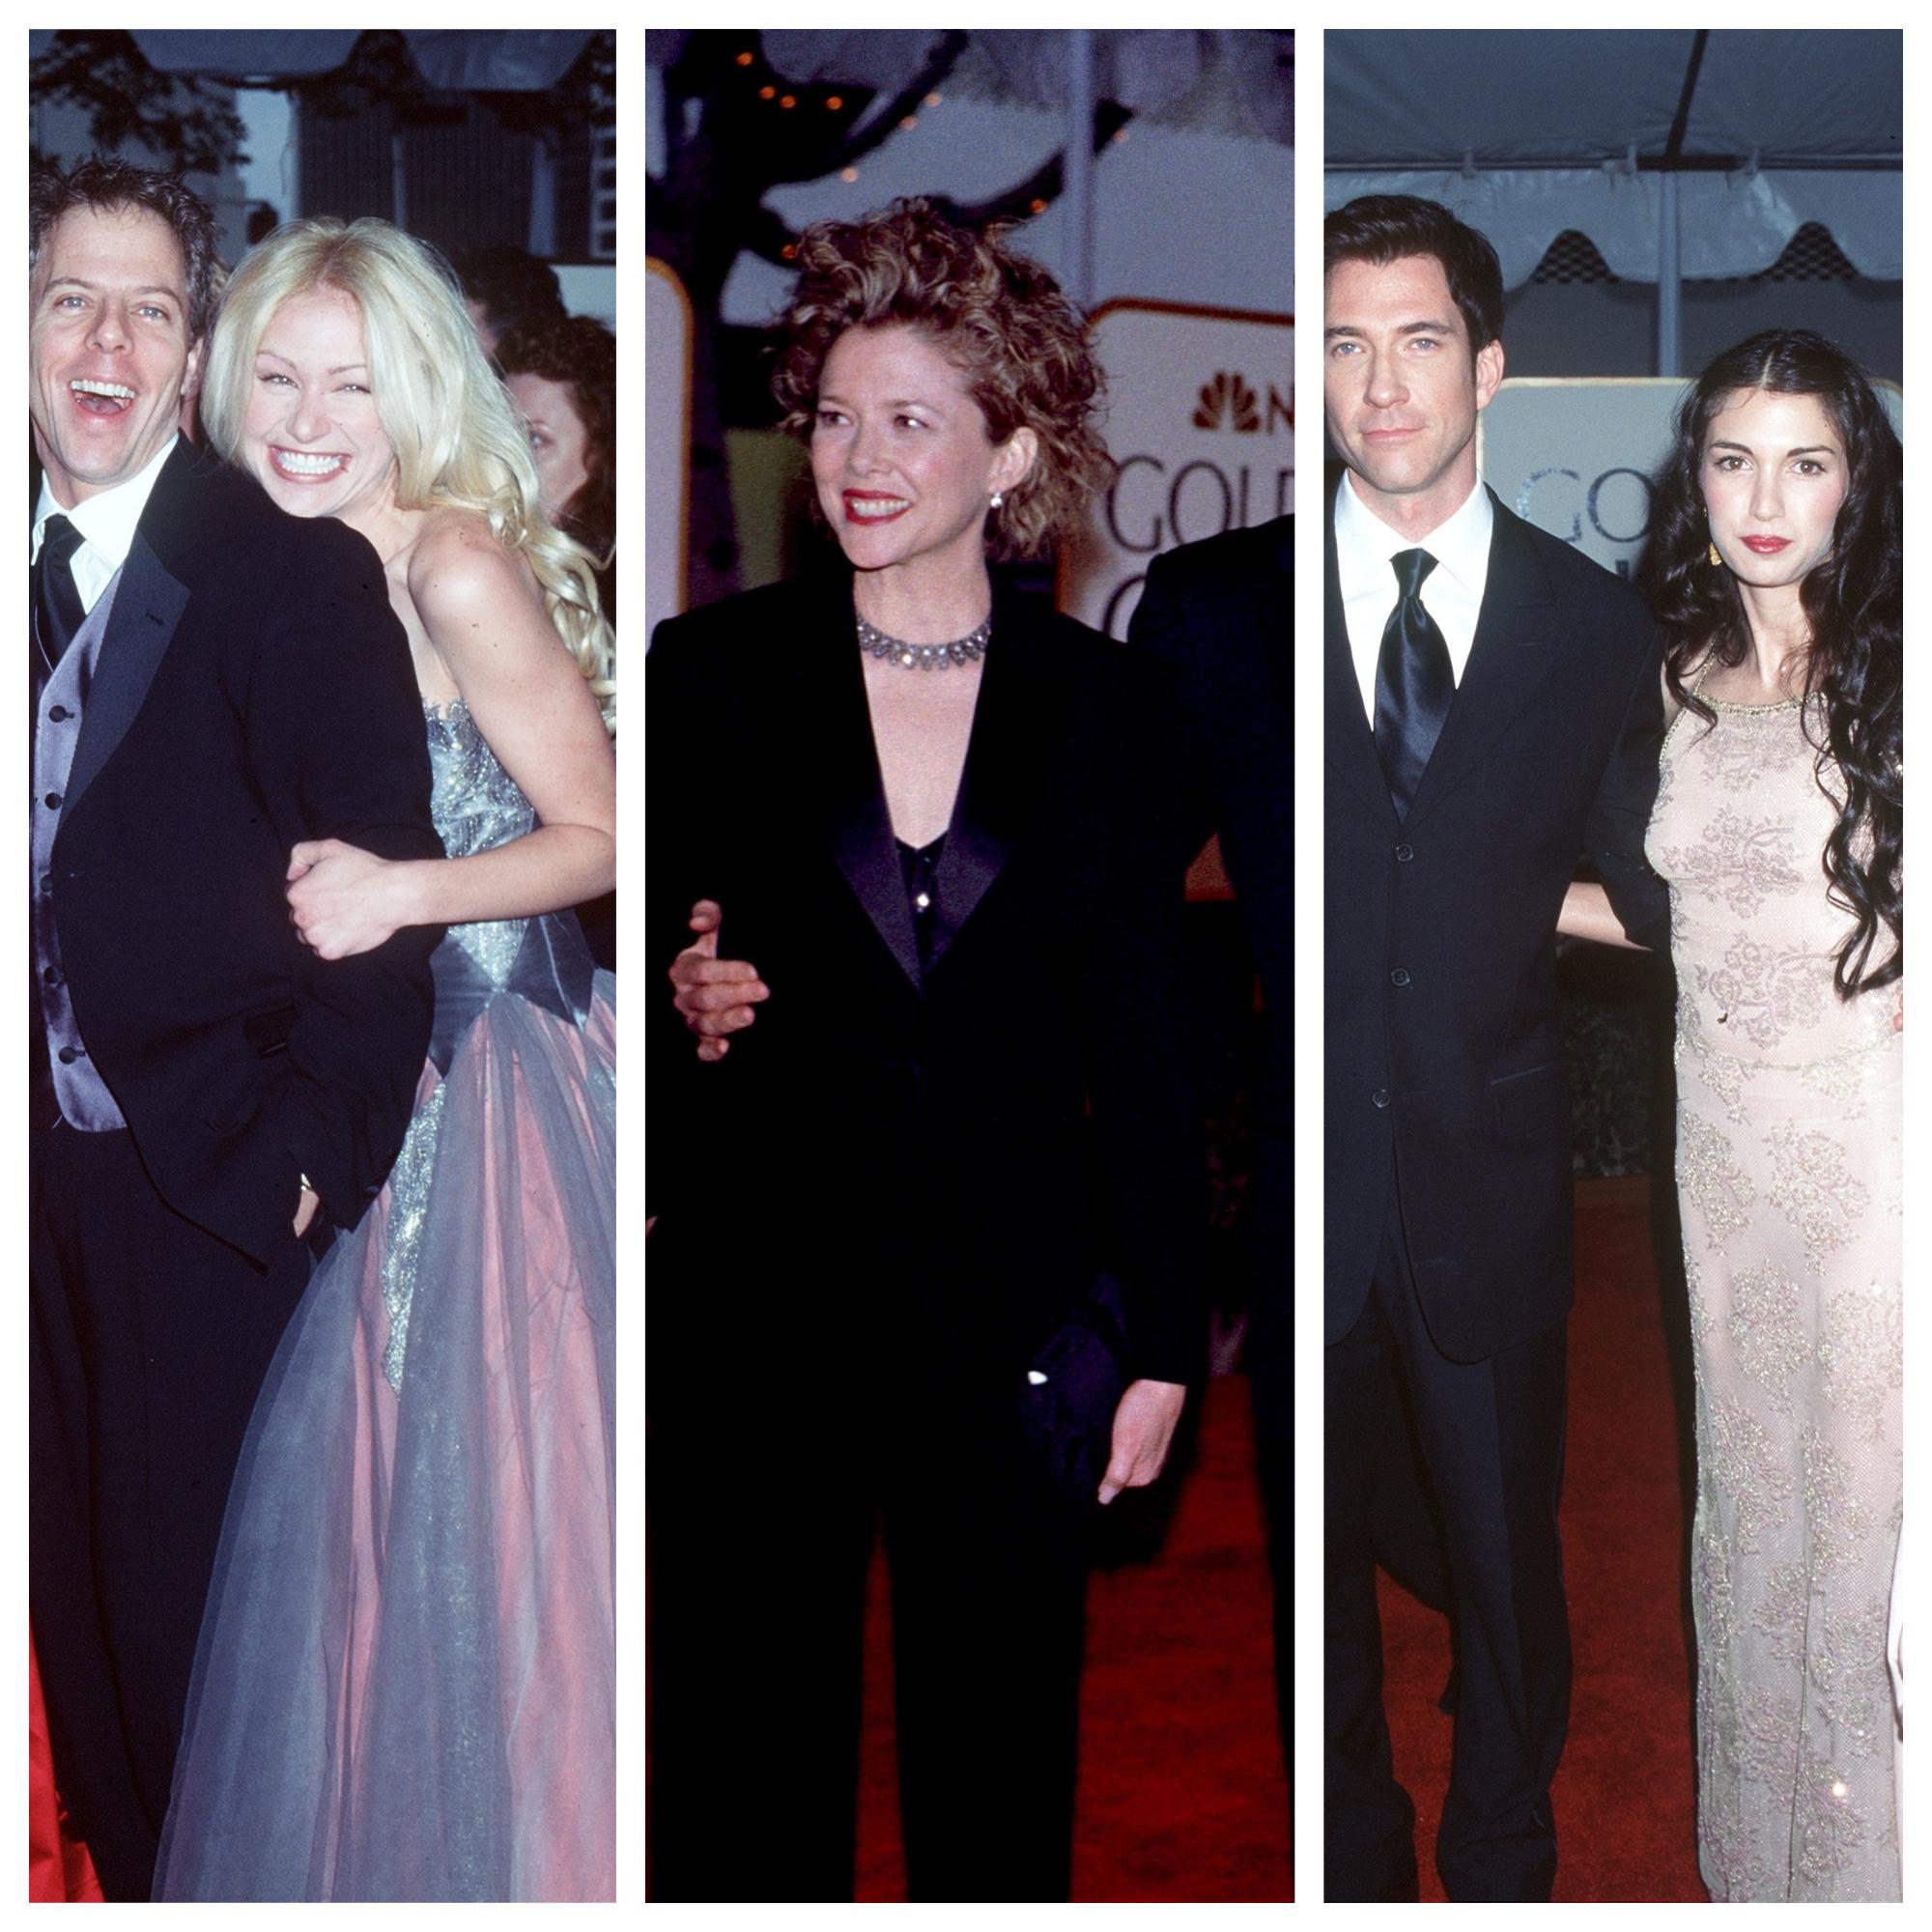 """В края на 90-те на мода са отпуснатите къдрици. На тази прическа залагат и дамите на червения килим на """"Златен глобус"""". На снимката виждате част от каста на сериала """"Али Макбийл"""", актрисата Анет Бенинг иДилан Макдермът с бившата си съпруга Шива Роуз."""